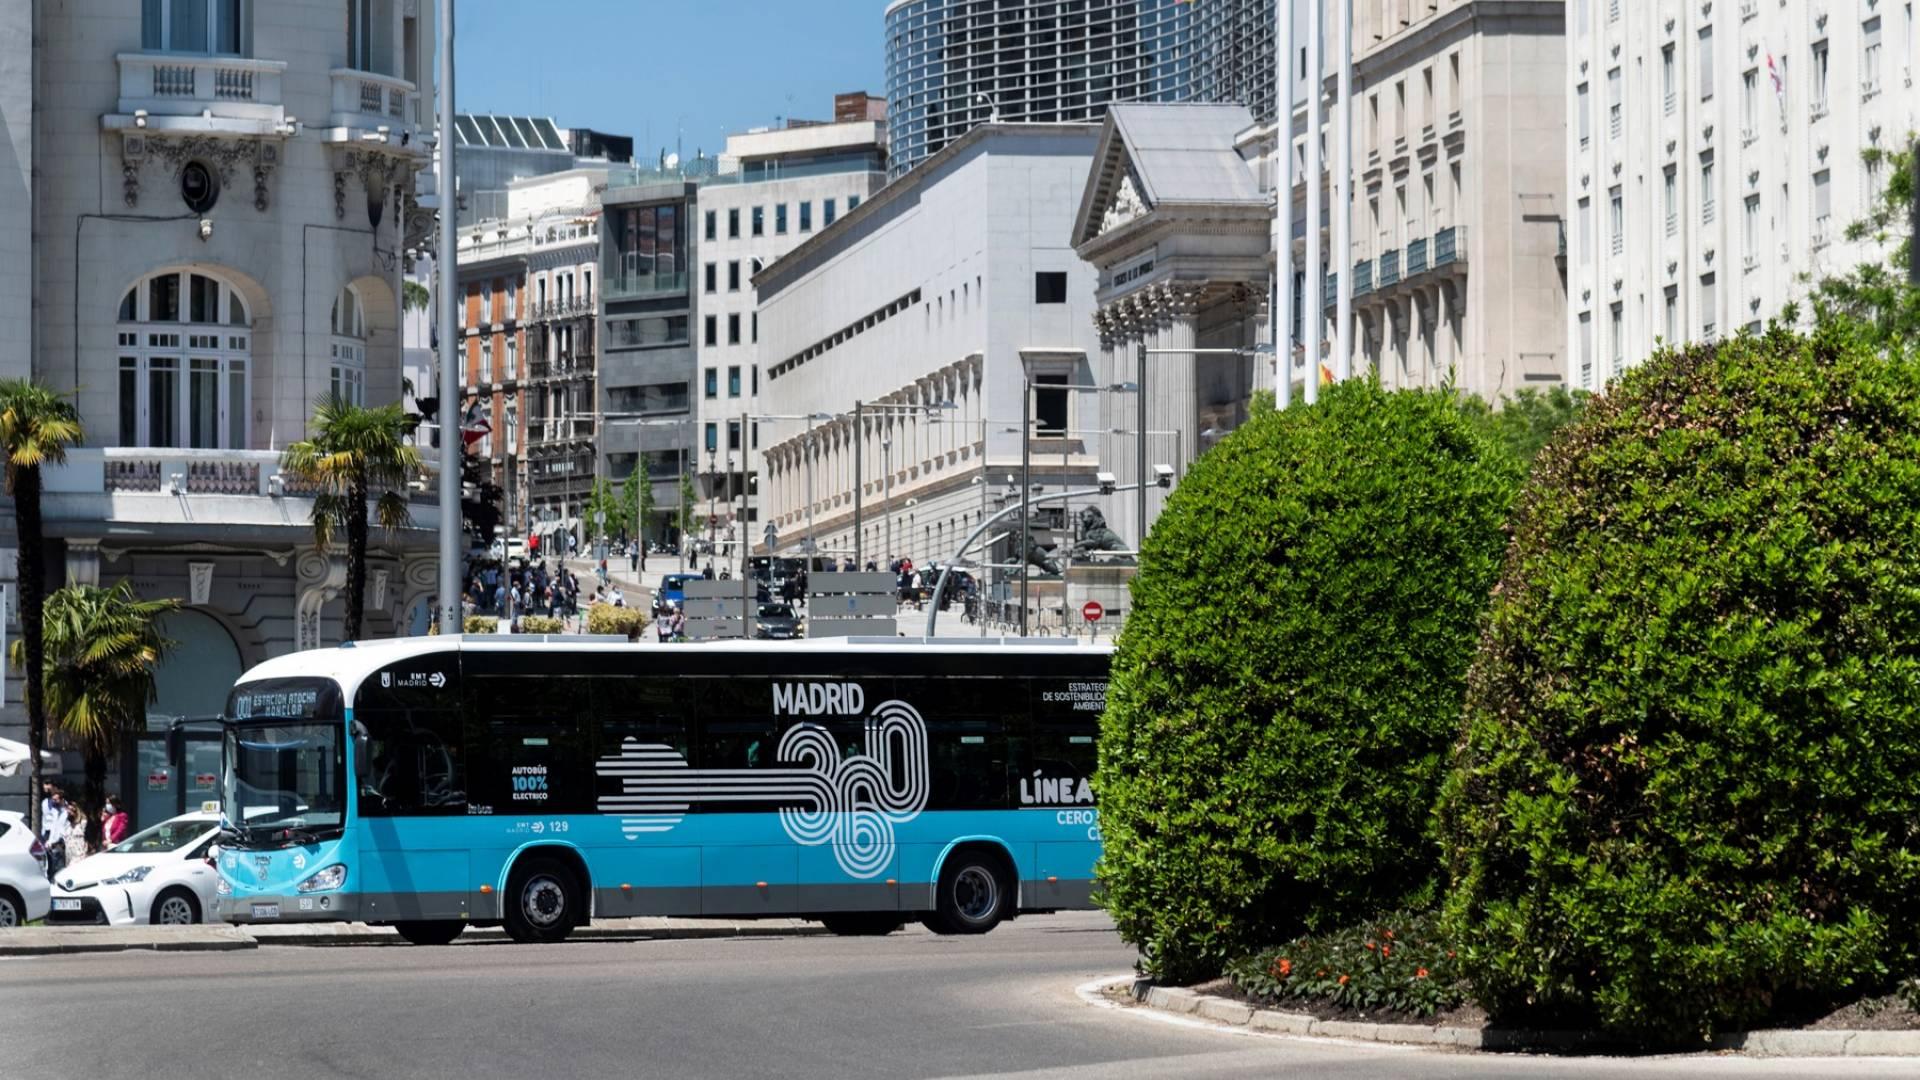 La EMT de Madrid vuelve a confiar en Irizar e-mobility y suma 30 autobuses eléctricos más a su flota